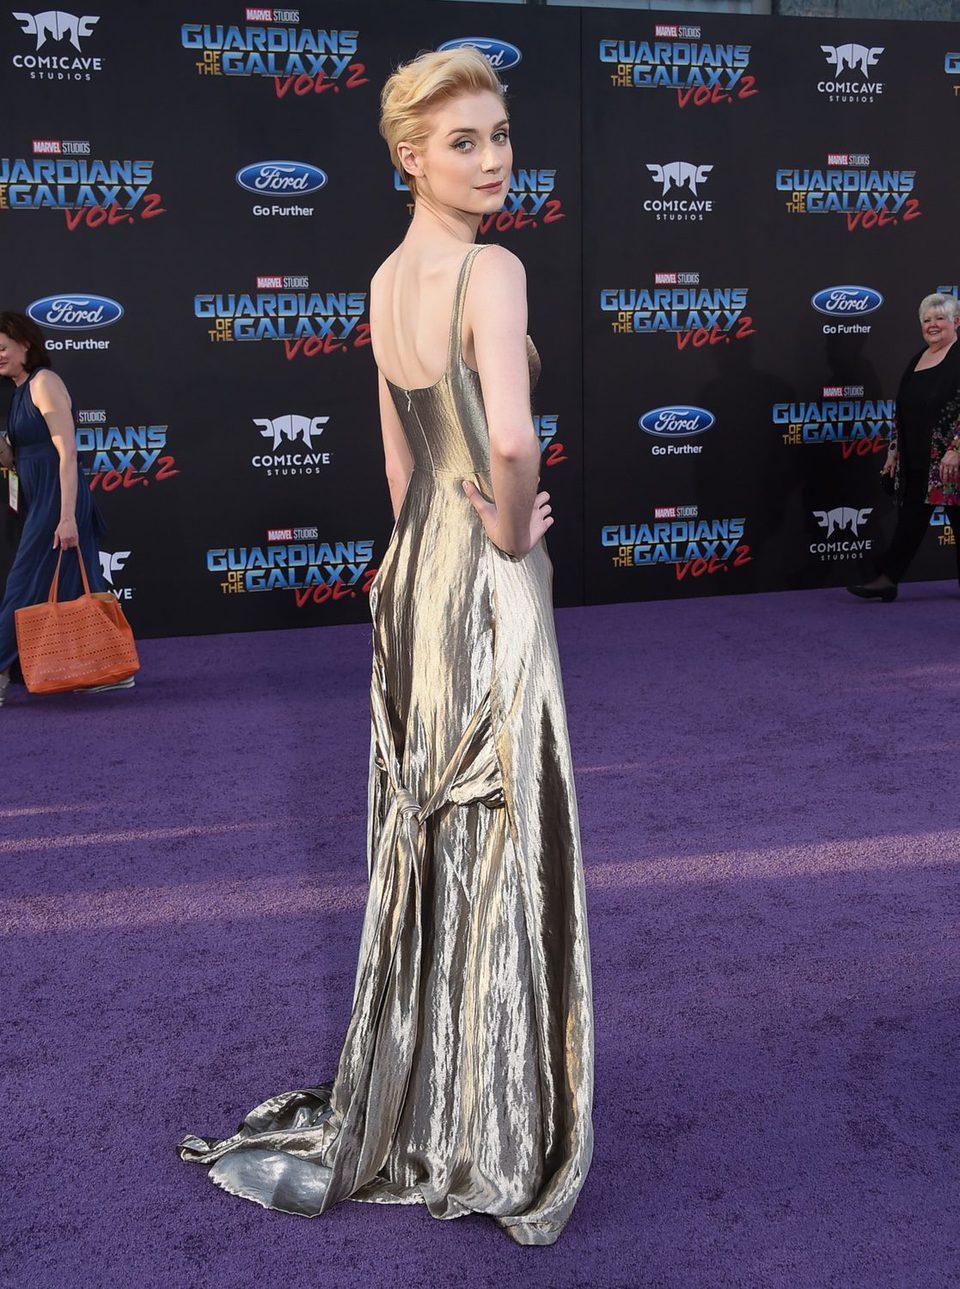 Elizabeth Debicki en la premiere mundial de 'Guardianes de la galaxia Vol. 2'